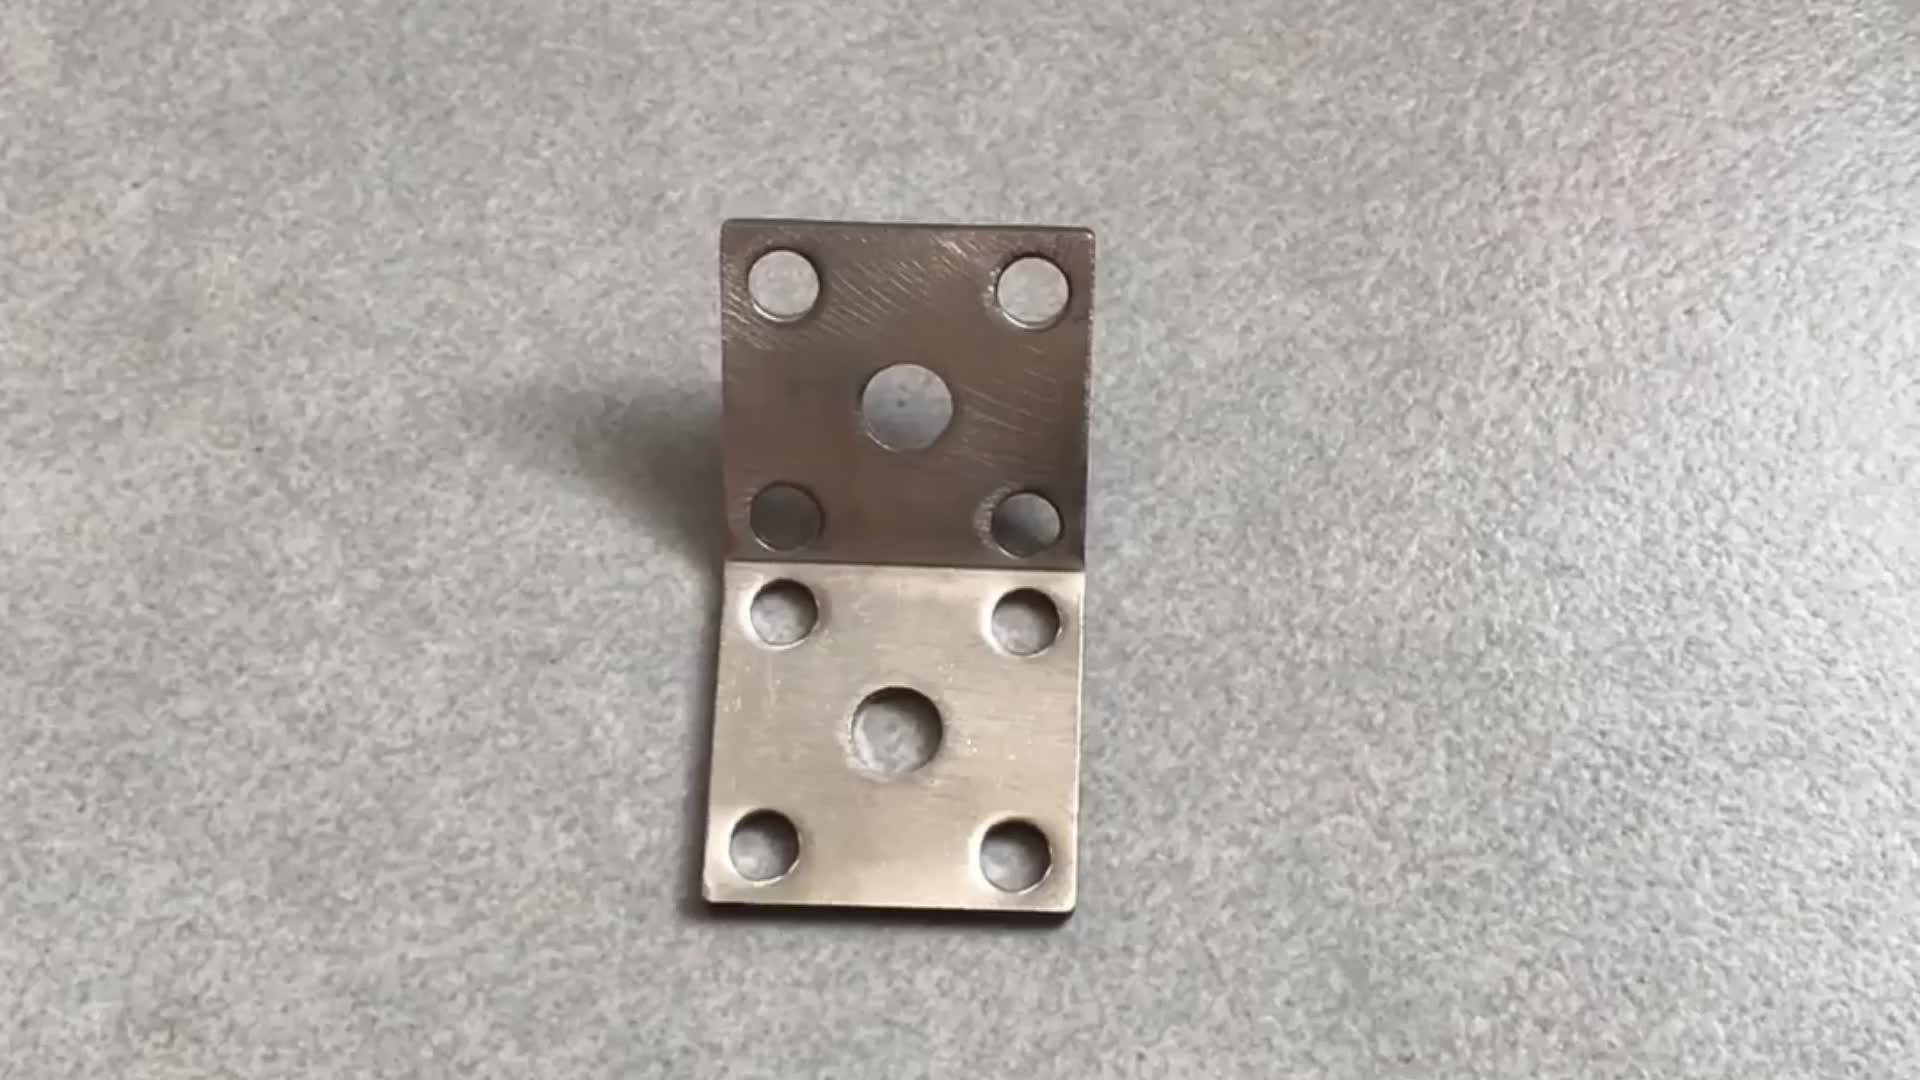 उच्च गुणवत्ता Oem कस्टम स्टेनलेस स्टील यू के आकार का धातु शेल्फ ब्रैकेट